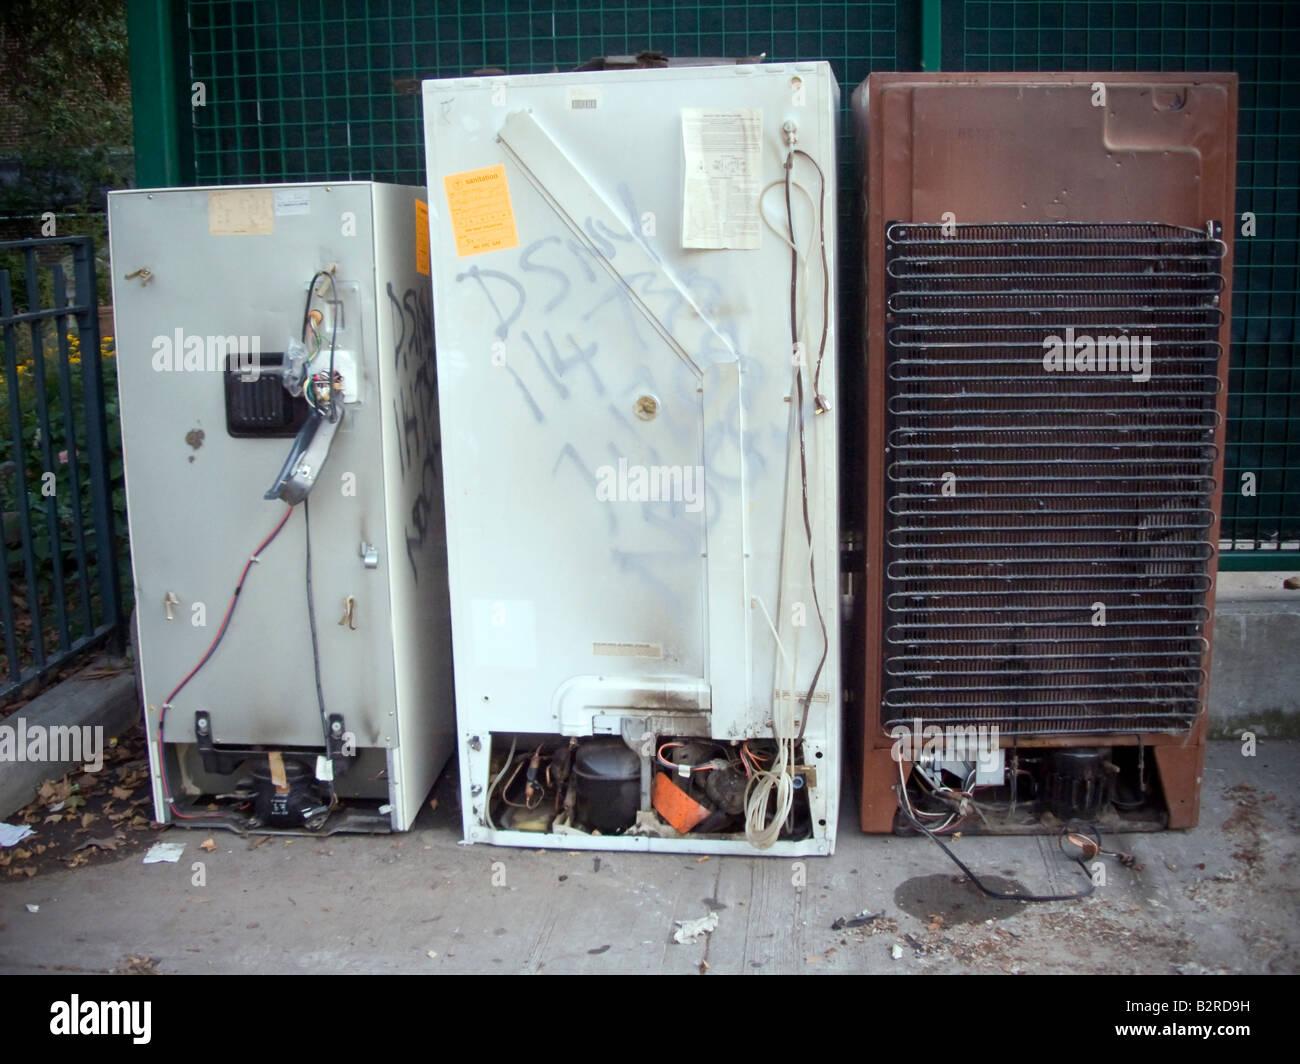 Gebrauchte Kühlschränke erwarten Pick up und ordnungsgemäße ...